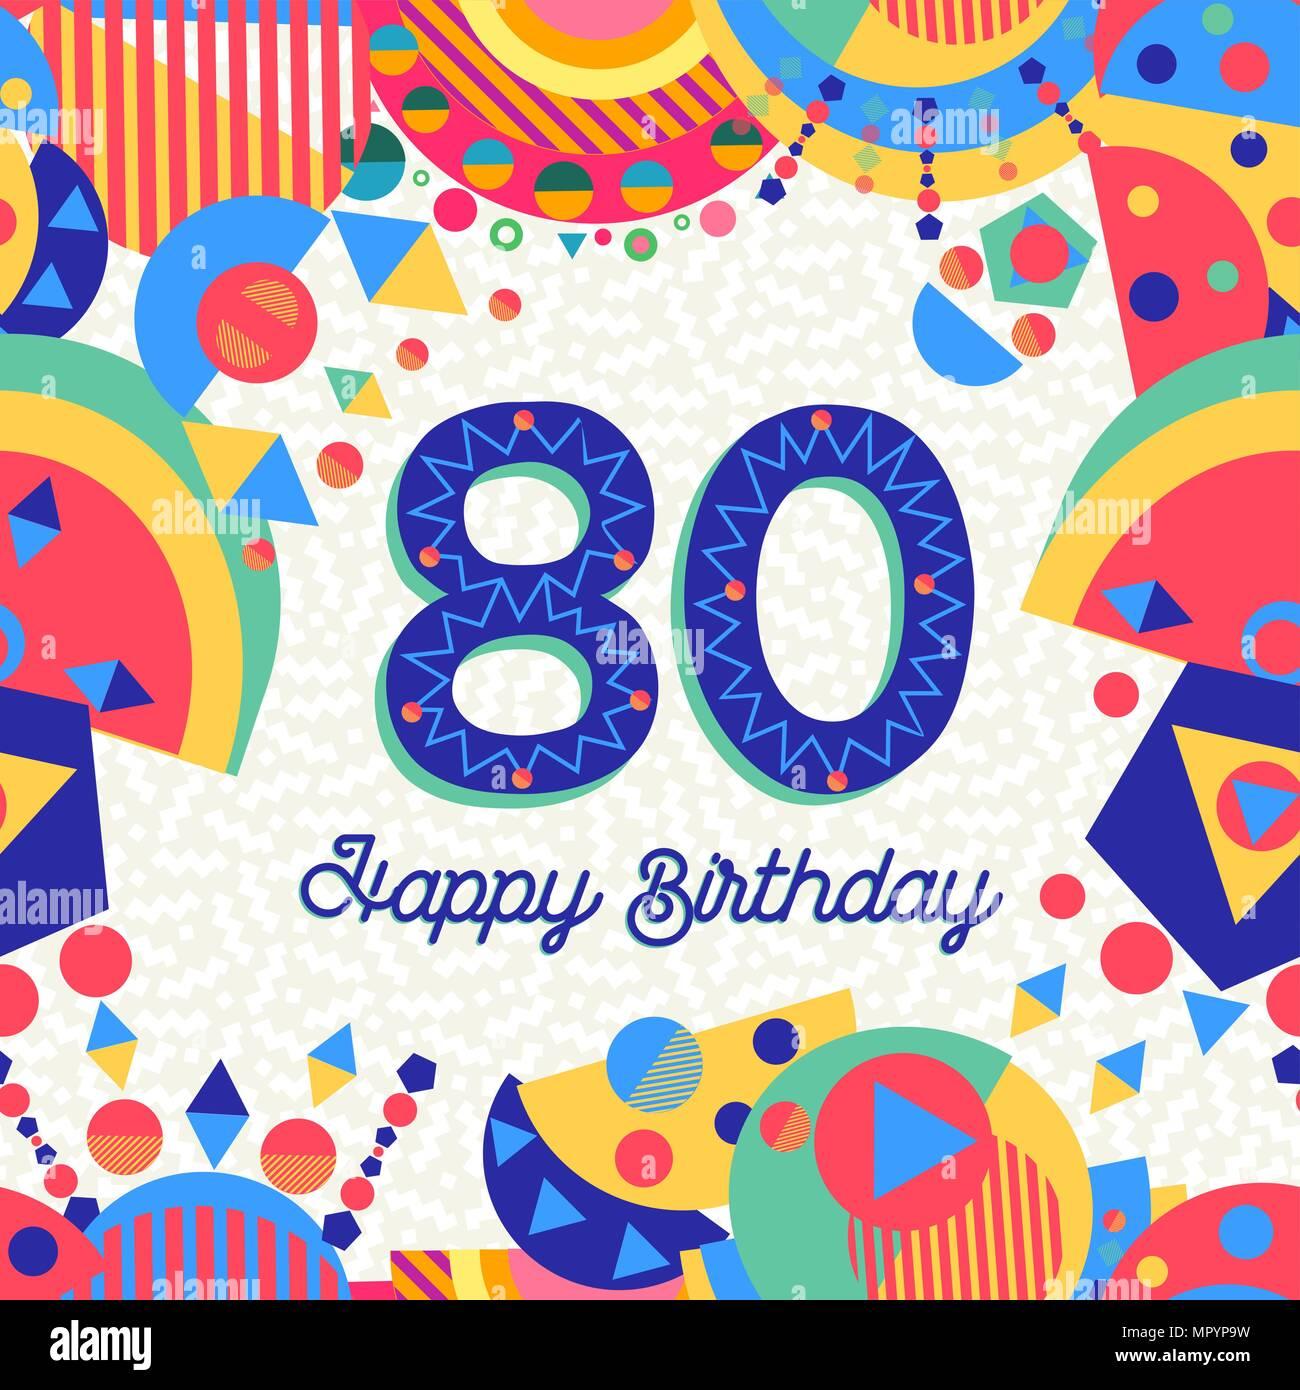 Joyeux Anniversaire 80 Ans 80 Design Avec Etiquette De Texte Nombre Et Une Decoration Coloree Ideal Pour Les Fetes D Invitation Ou Carte De Vœux Vecteur Eps10 Image Vectorielle Stock Alamy